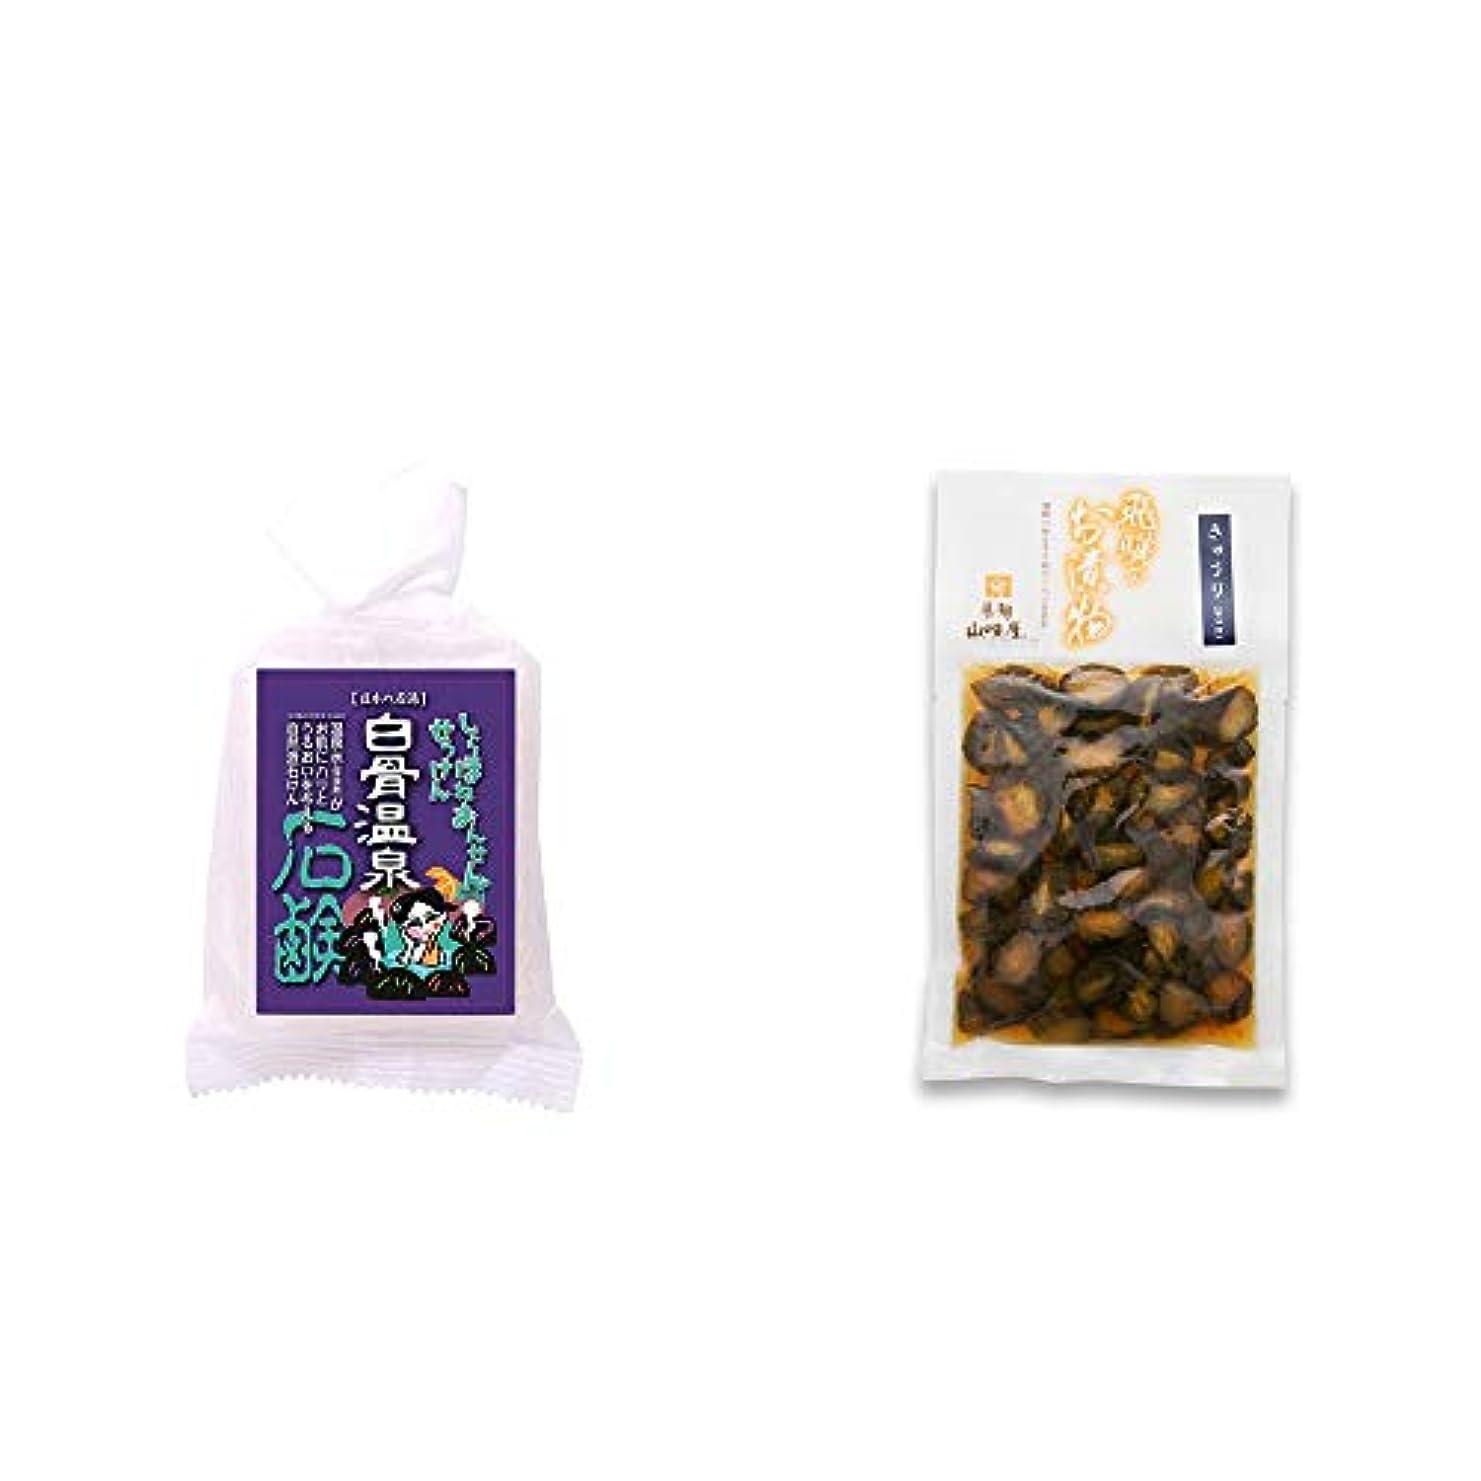 定期的に静かにラッシュ[2点セット] 信州 白骨温泉石鹸(80g)?飛騨山味屋 きゅうり醤油漬(150g)